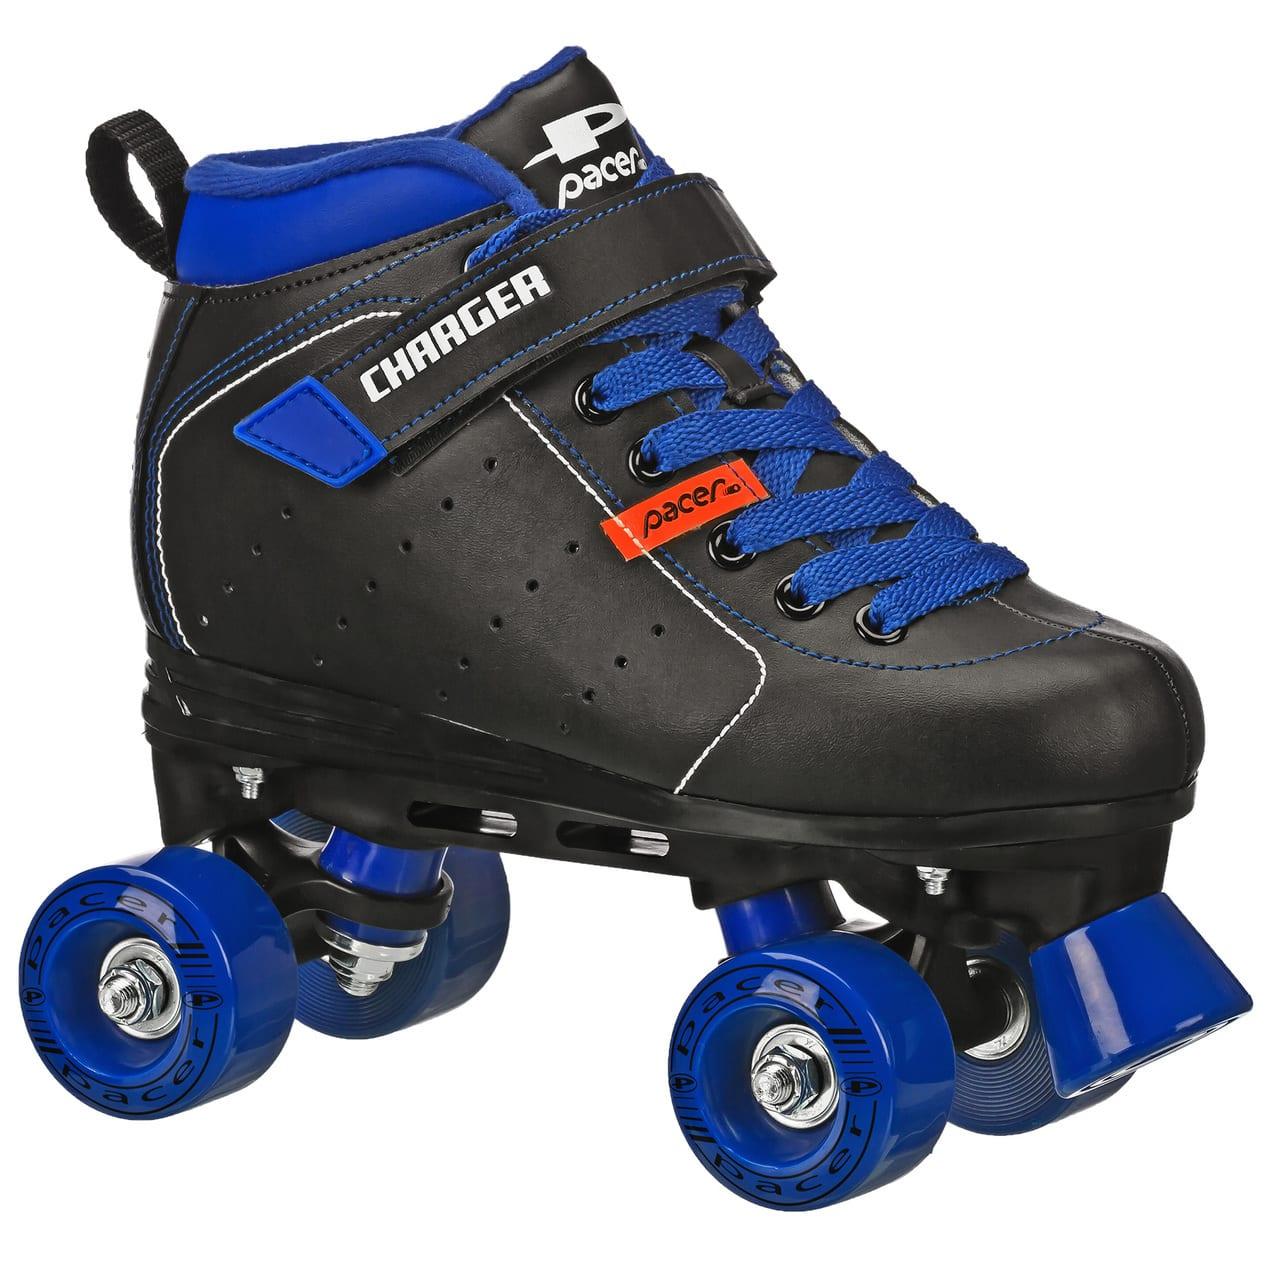 Pacer Explorer Childrens Youth Inline Adjustable Skates